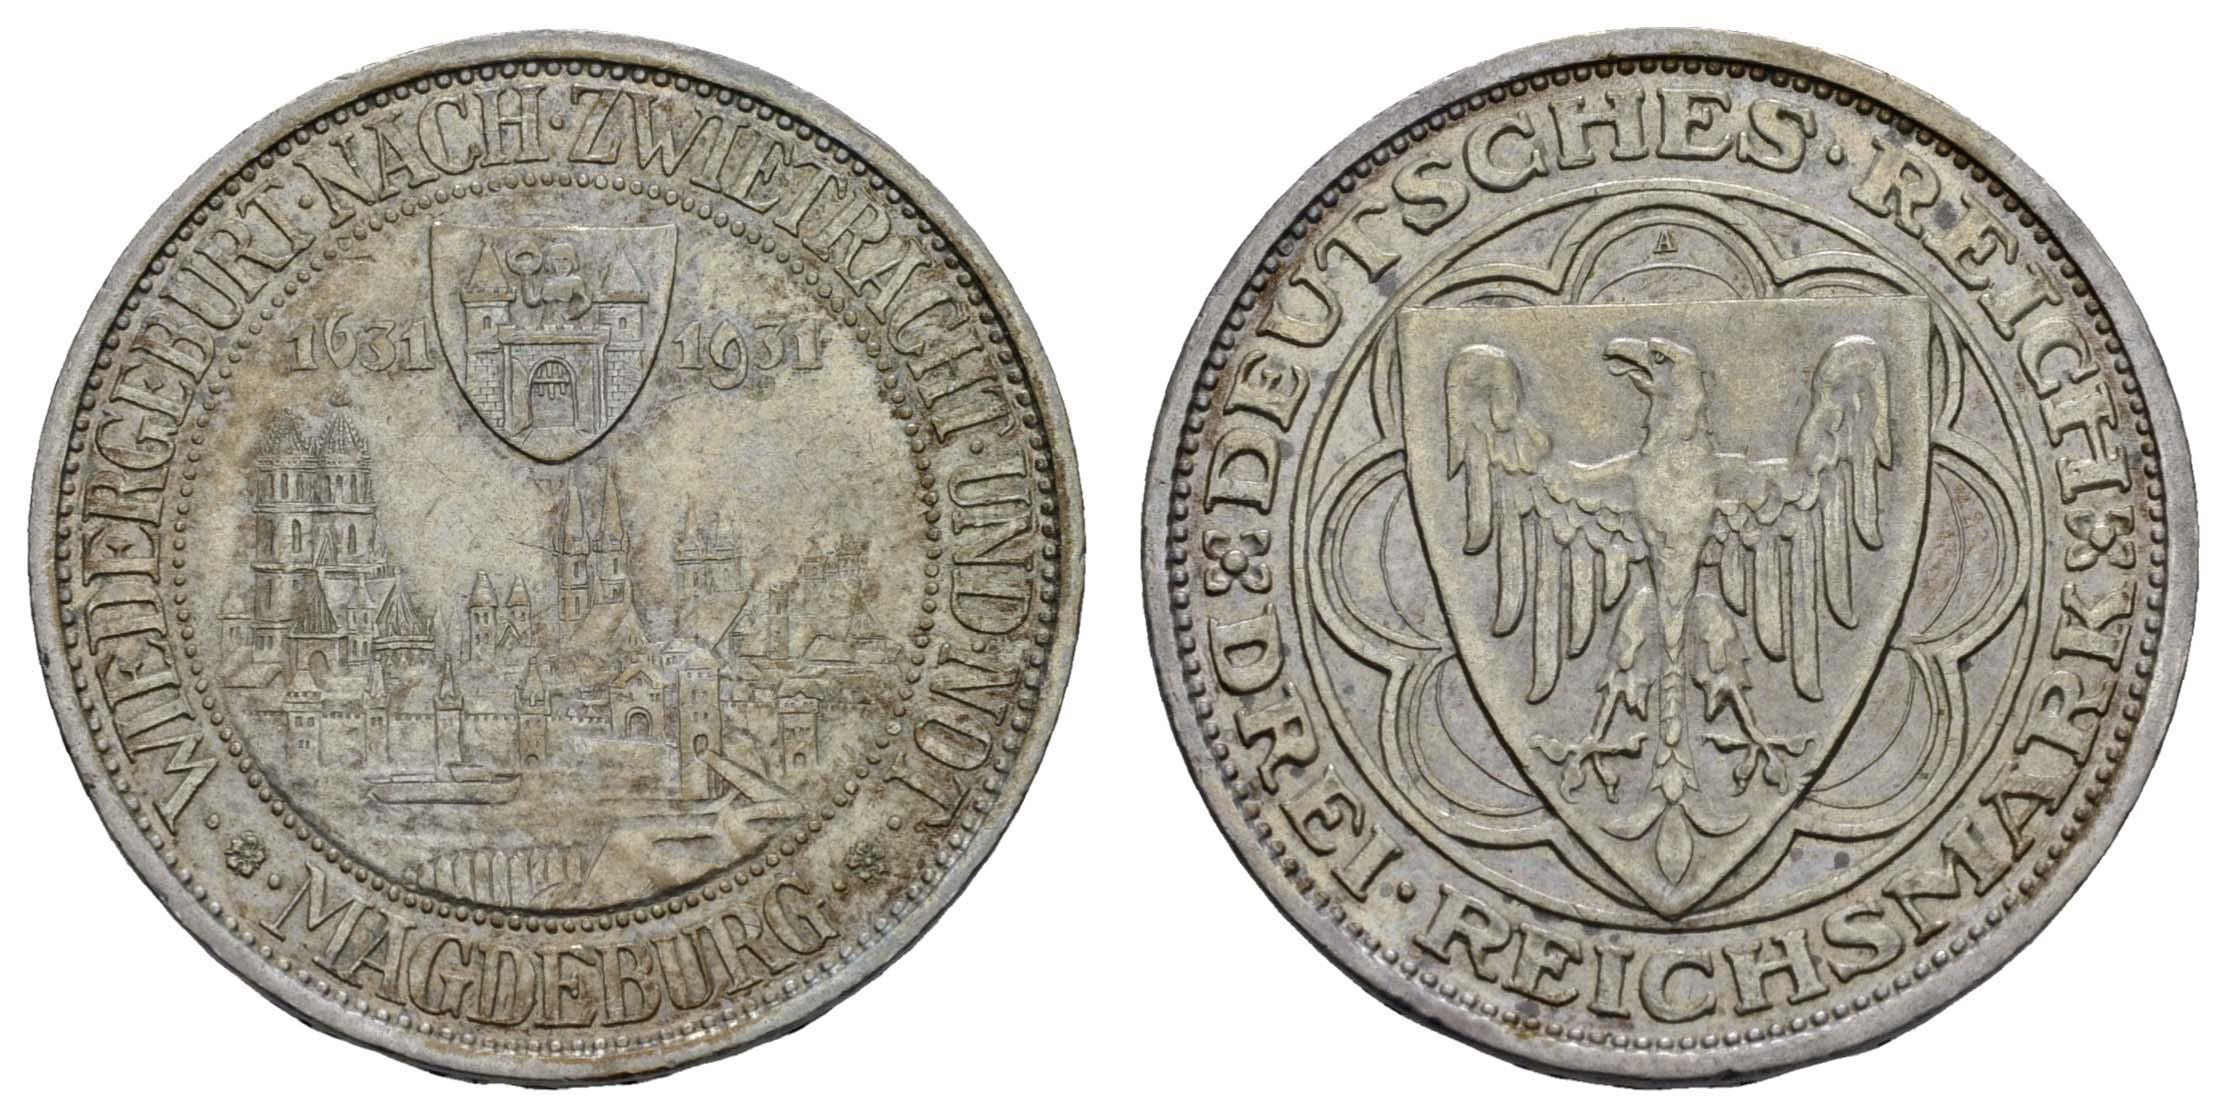 Lot 1035 - deutschland weimarer republik -  Auktionshaus Ulrich Felzmann GmbH & Co. KG Coins single lots